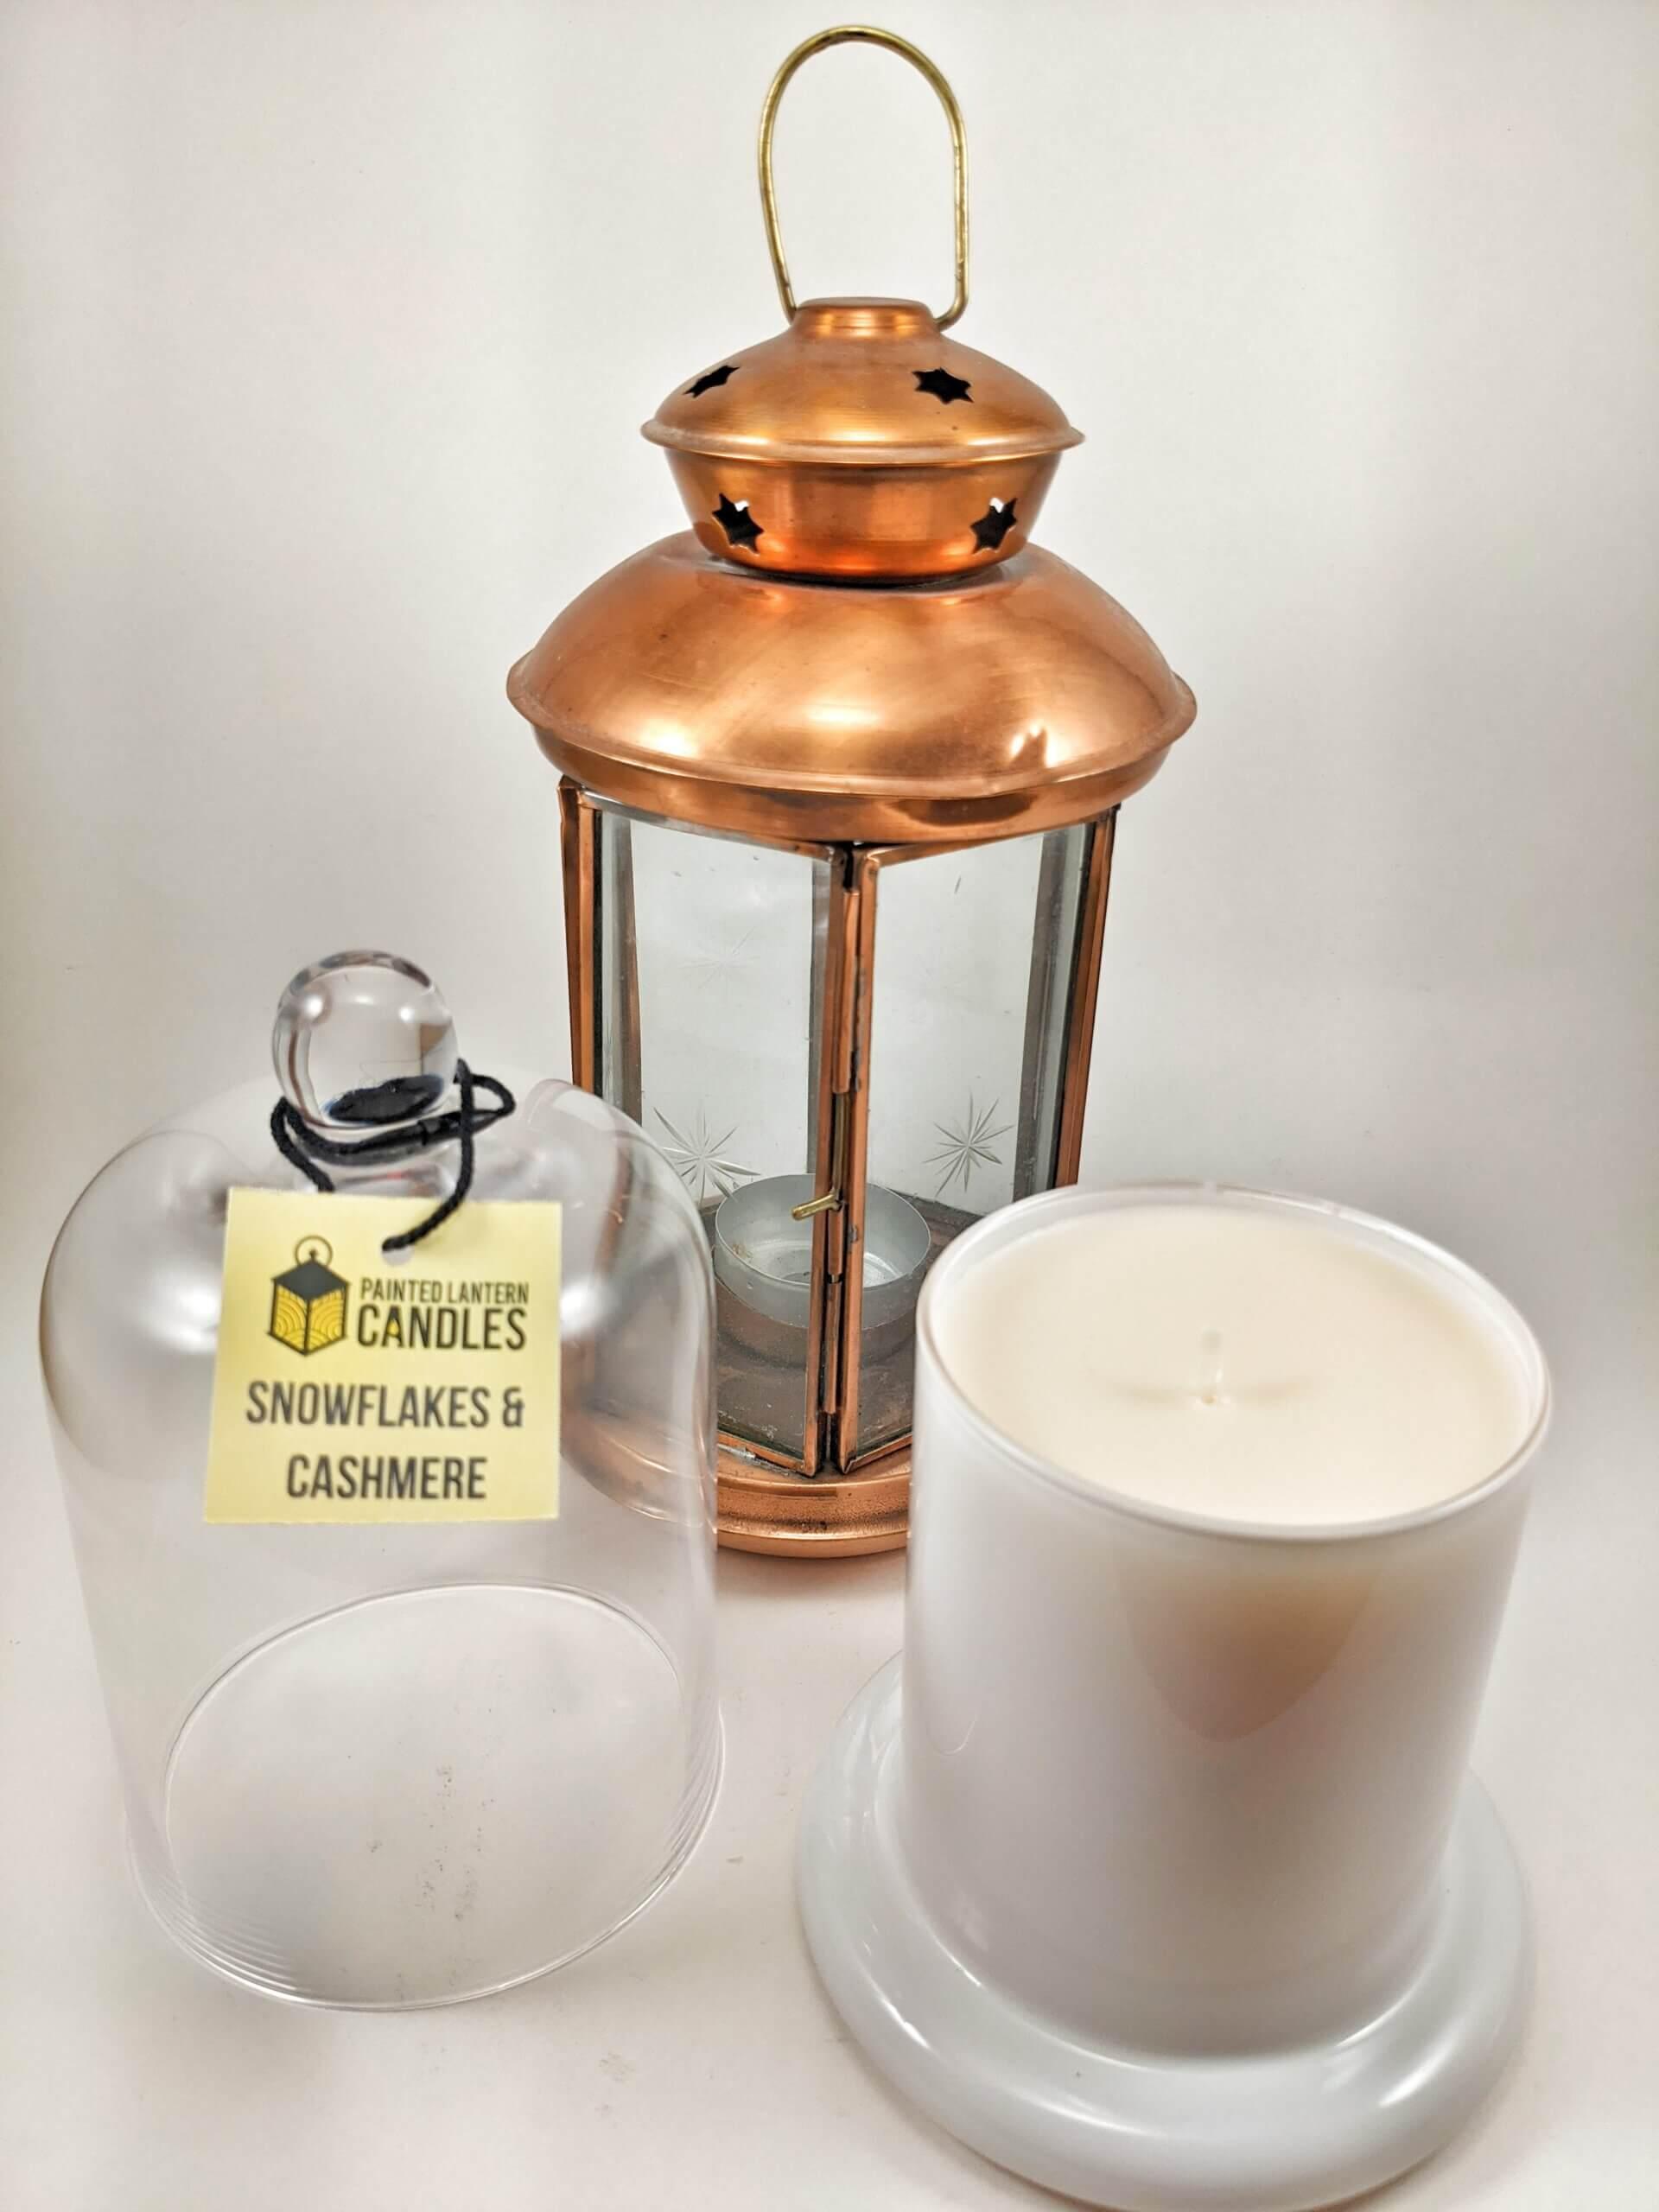 Snowflakes & Cashmere Bell Jar Portrait